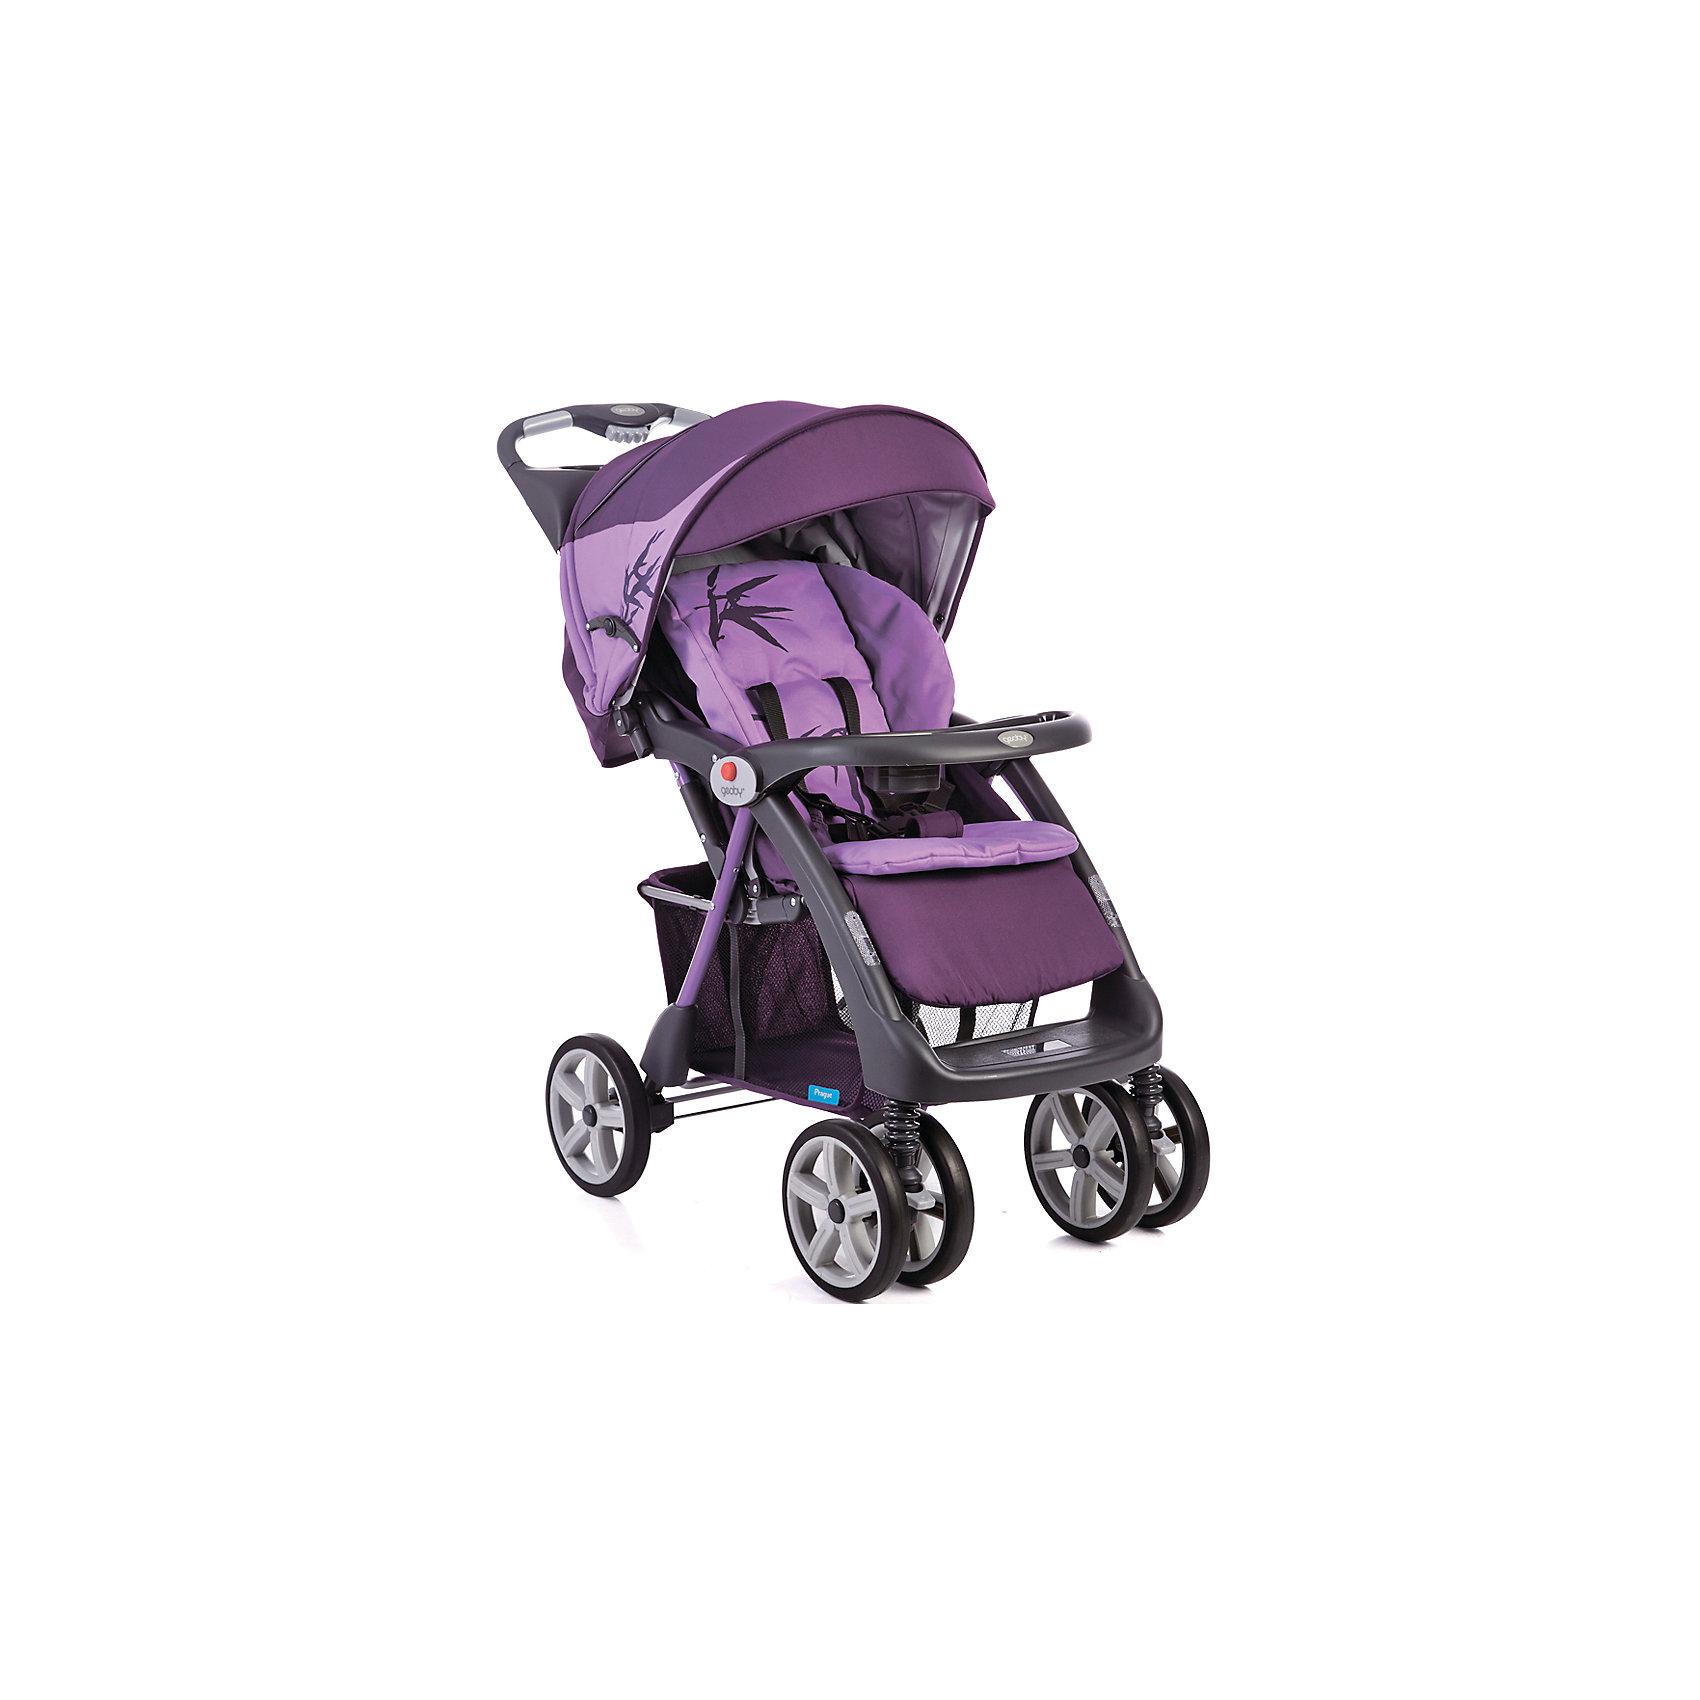 Прогулочная коляска C879CR (RZZY), Geoby, сиреневый/фиолетовыйКоляска Geoby C879CR - прекрасный вариант для путешествий, прогулок и активного отдыха детьми! Удобная и манёвренная модель имеет сдвоенные передние поворотные колеса, которые обеспечивают прекрасную проходимость на любом грунте. Жесткая спинка дополнена мягкой набивкой, регулируется в трех положениях, что гарантирует малышам отличный сон и отдых на свежем воздухе. Глубокий капюшон убережет ребенка от солнечных лучей или же холодного ветра и дождя, пятиточечные страховочные ремни обеспечат безопасность даже самым активным маленьким путешественникам. Коляска легко и быстро складывается, нужно лишь нажать кнопку на ручке. В сложенном виде занимает очень мало места.<br><br>Дополнительная информация:<br><br>- Материал: сталь, пластик, резина, текстиль. <br>- Размер в сложенном виде: 33х58х105 см.<br>- Размер в разложенном виде:103х58х98 см.<br>- Механизм складывания: книжка. <br>- Система амортизации.<br>- Задний стояночный тормоз.<br>- Количество колес: 6 (передние сдвоенные).<br>- Передние колеса поворотные с фиксацией. <br>- Диаметр колес: 21,5 см.<br>- Ширина шасси: 56 см.<br>- Высота ручки: 100 см.<br>- Вес: 11,9 кг.<br>- Регулировка наклона спинки в 3 положениях (до положения лежа).<br>- Съемный столик с подставкой для бутылочки.<br>- Столик с ящичком и подставкой для стакана (на ручке коляски).<br>- Регулируемая подножка.<br>- Большой капюшон со смотровым окном.<br>- Пятиточечные ремни безопасности.<br>- Быстро и удобно складывается одной рукой. <br>- Съемный мягкий матрасик.<br>- Устойчиво стоит в сложенном виде.<br>- Корзина для вещей. <br>- В комплекте: полог, дождевик, матрасик.<br><br>Прогулочную коляску C879CR (R4BB), Geoby (Геоби), сиреневую/фиолетовую, можно купить в нашем магазине.<br><br>Ширина мм: 500<br>Глубина мм: 310<br>Высота мм: 920<br>Вес г: 14900<br>Возраст от месяцев: 6<br>Возраст до месяцев: 36<br>Пол: Женский<br>Возраст: Детский<br>SKU: 4787780